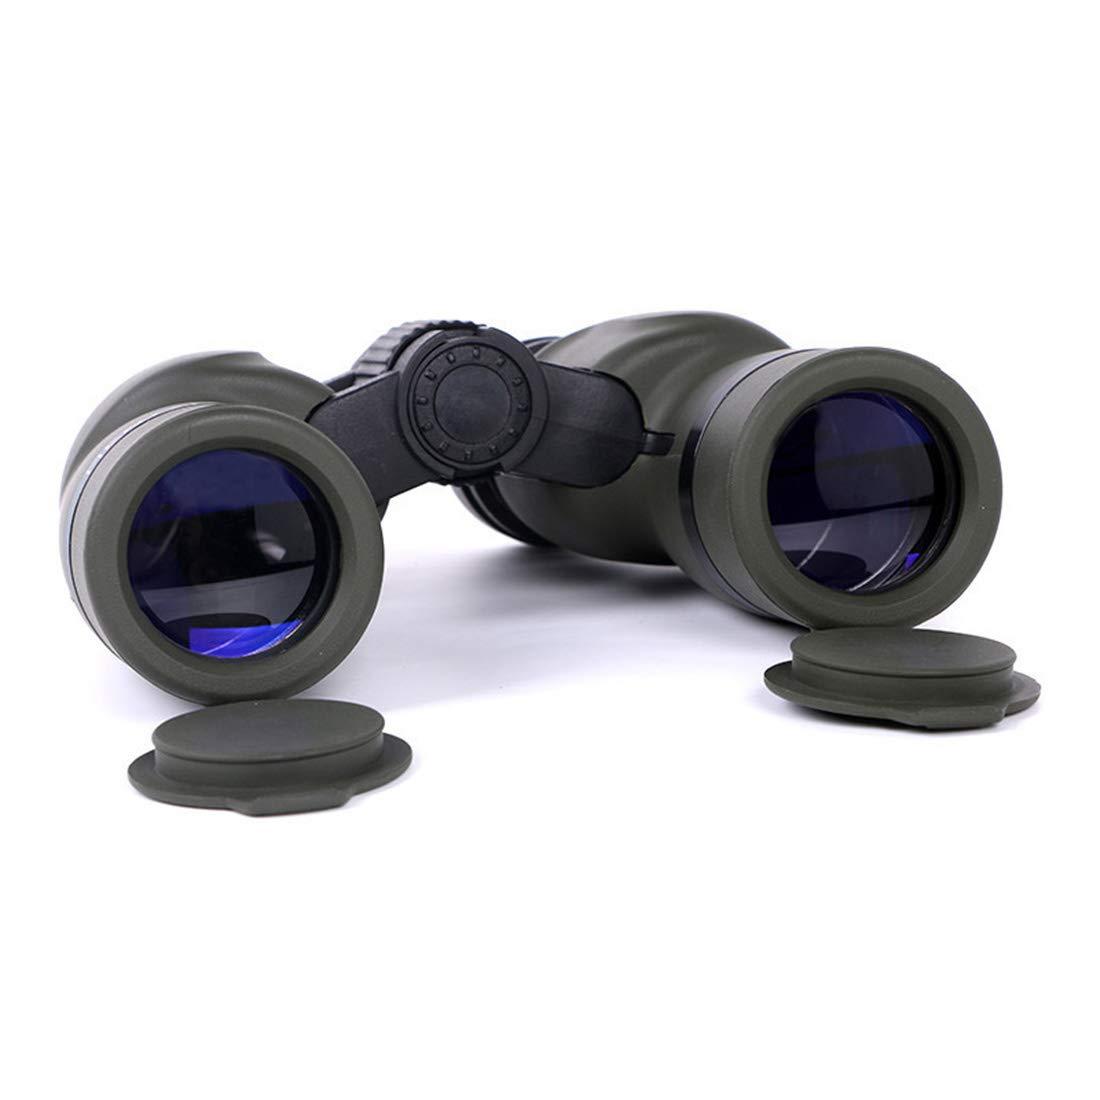 FELICIPP Fernglas 10  36 Hochauflösendes Low-Light-Nachtsichtkonzert mit mit mit wasserdichtem Teleskop für den Außenbereich (Farbe   schwarz) B07LBRN88X | Billig  | New Product 2019  | Die Königin Der Qualität  b55d6c